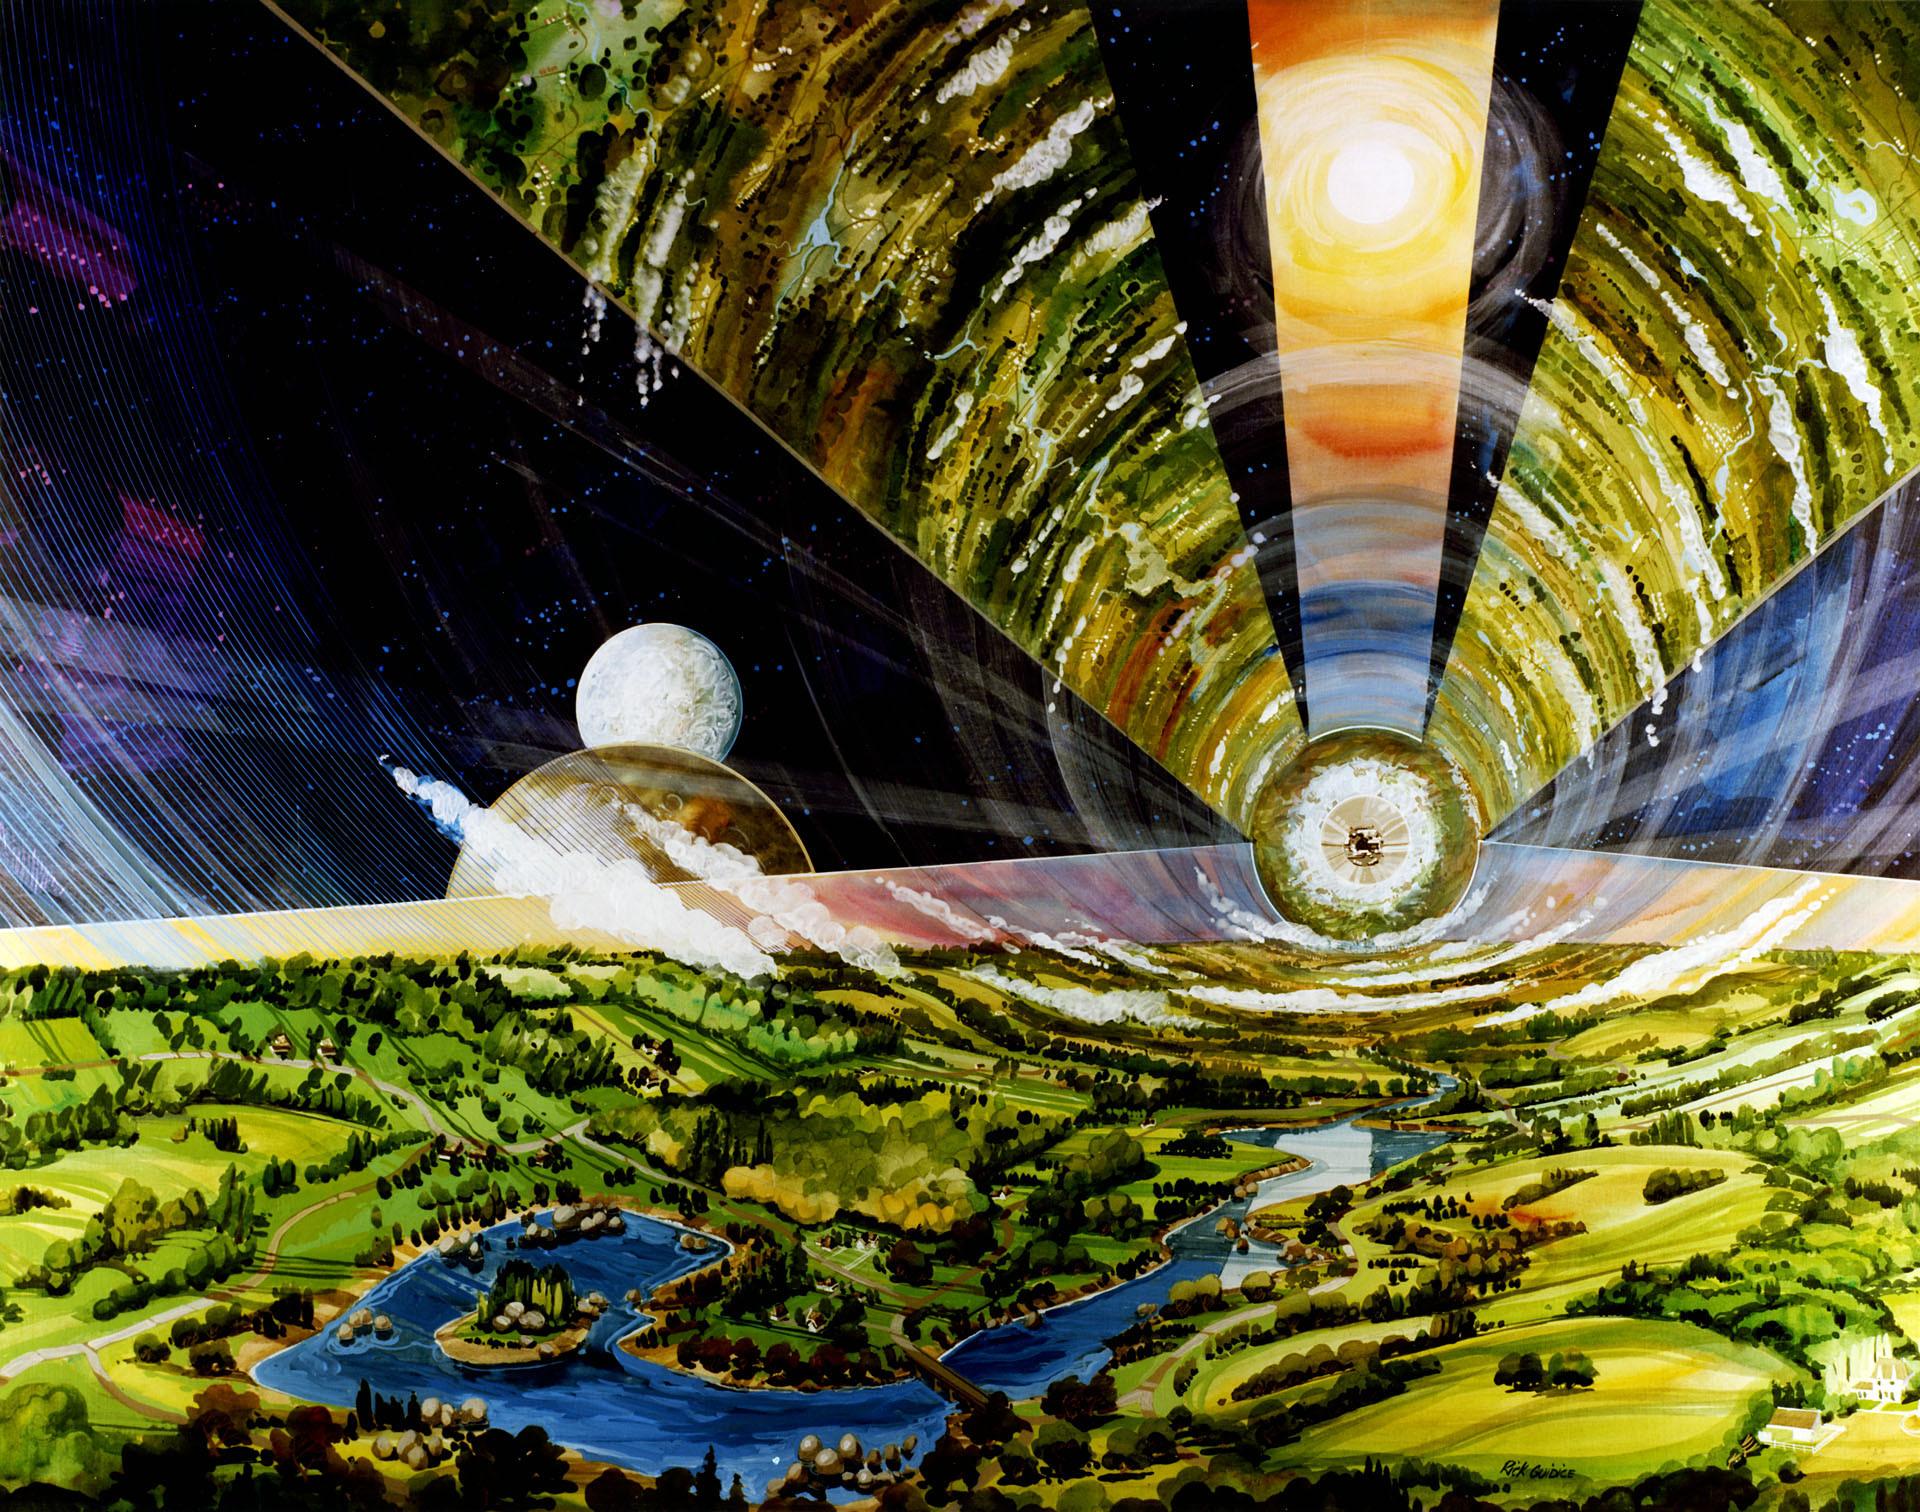 Zylinder-Kolonie im All für 1 Million Menschen Zeichnung: Rick Guidice NASA Ames Research Center